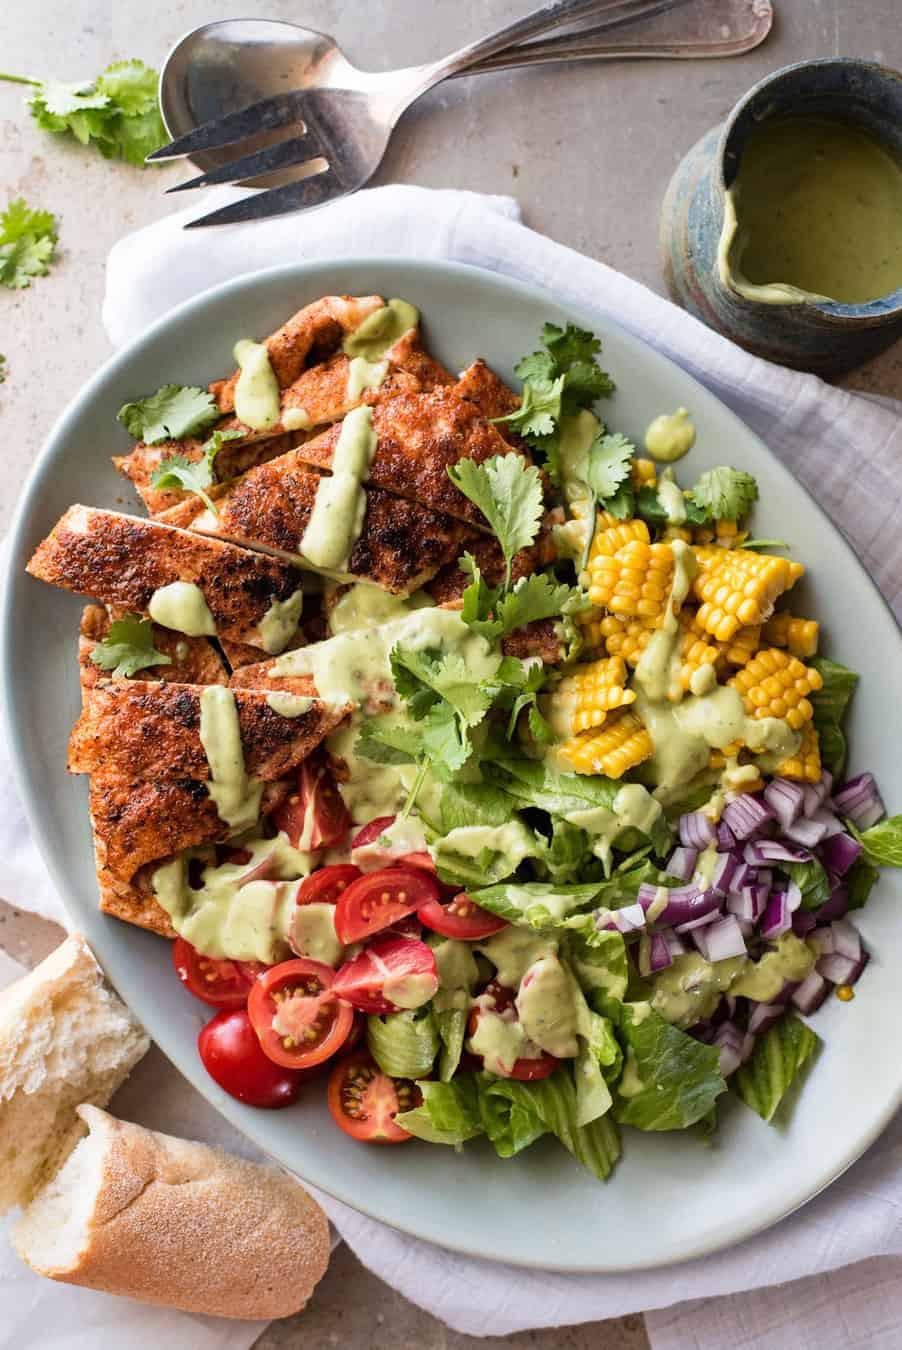 Healthy Avocado Recipes  Chicken Salad with Avocado Dressing